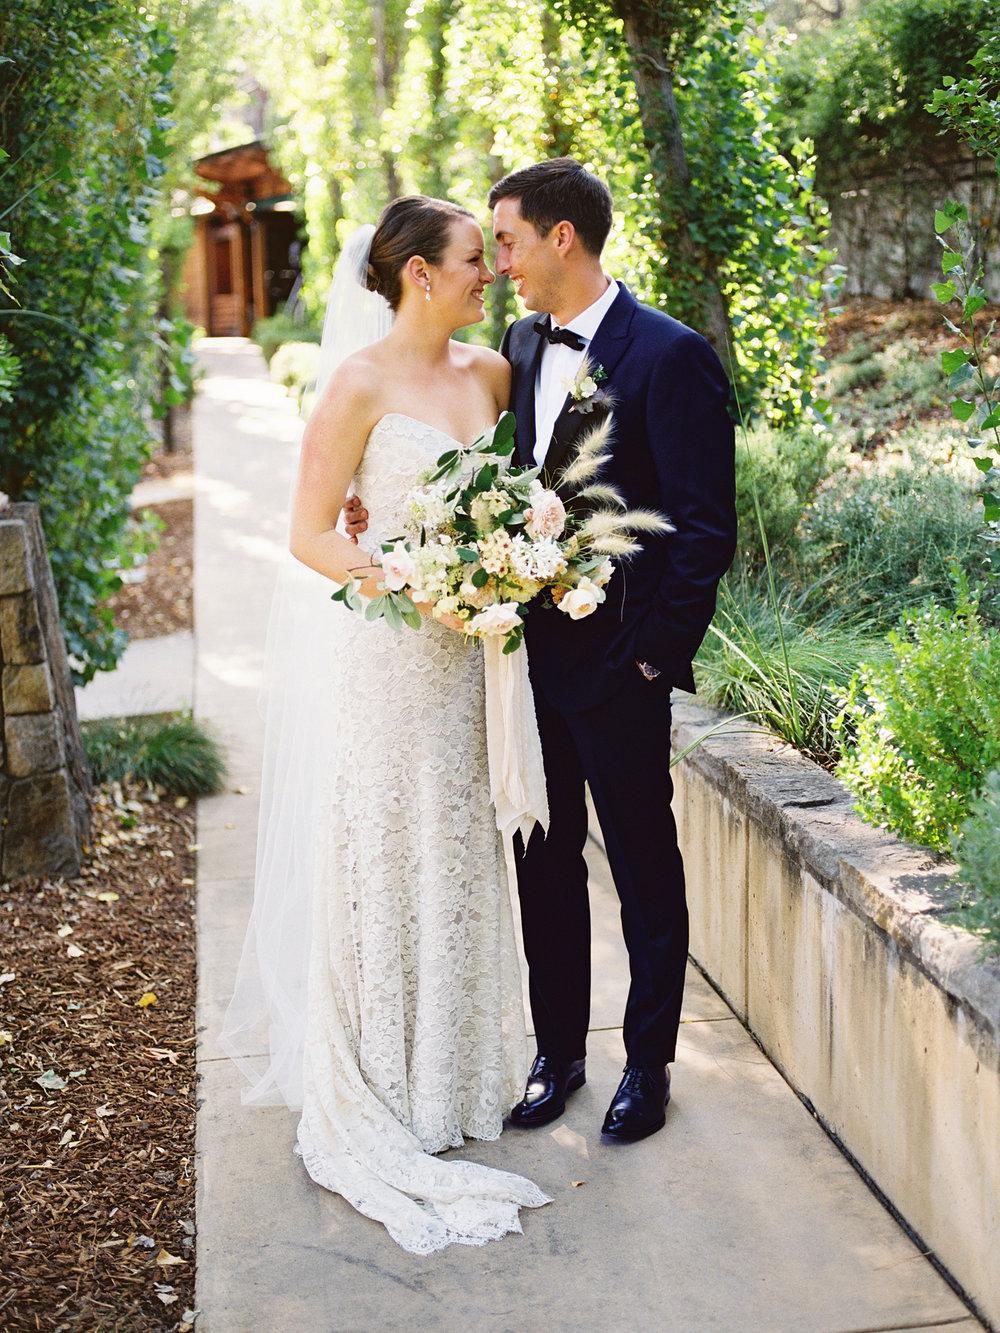 Katie & Ben